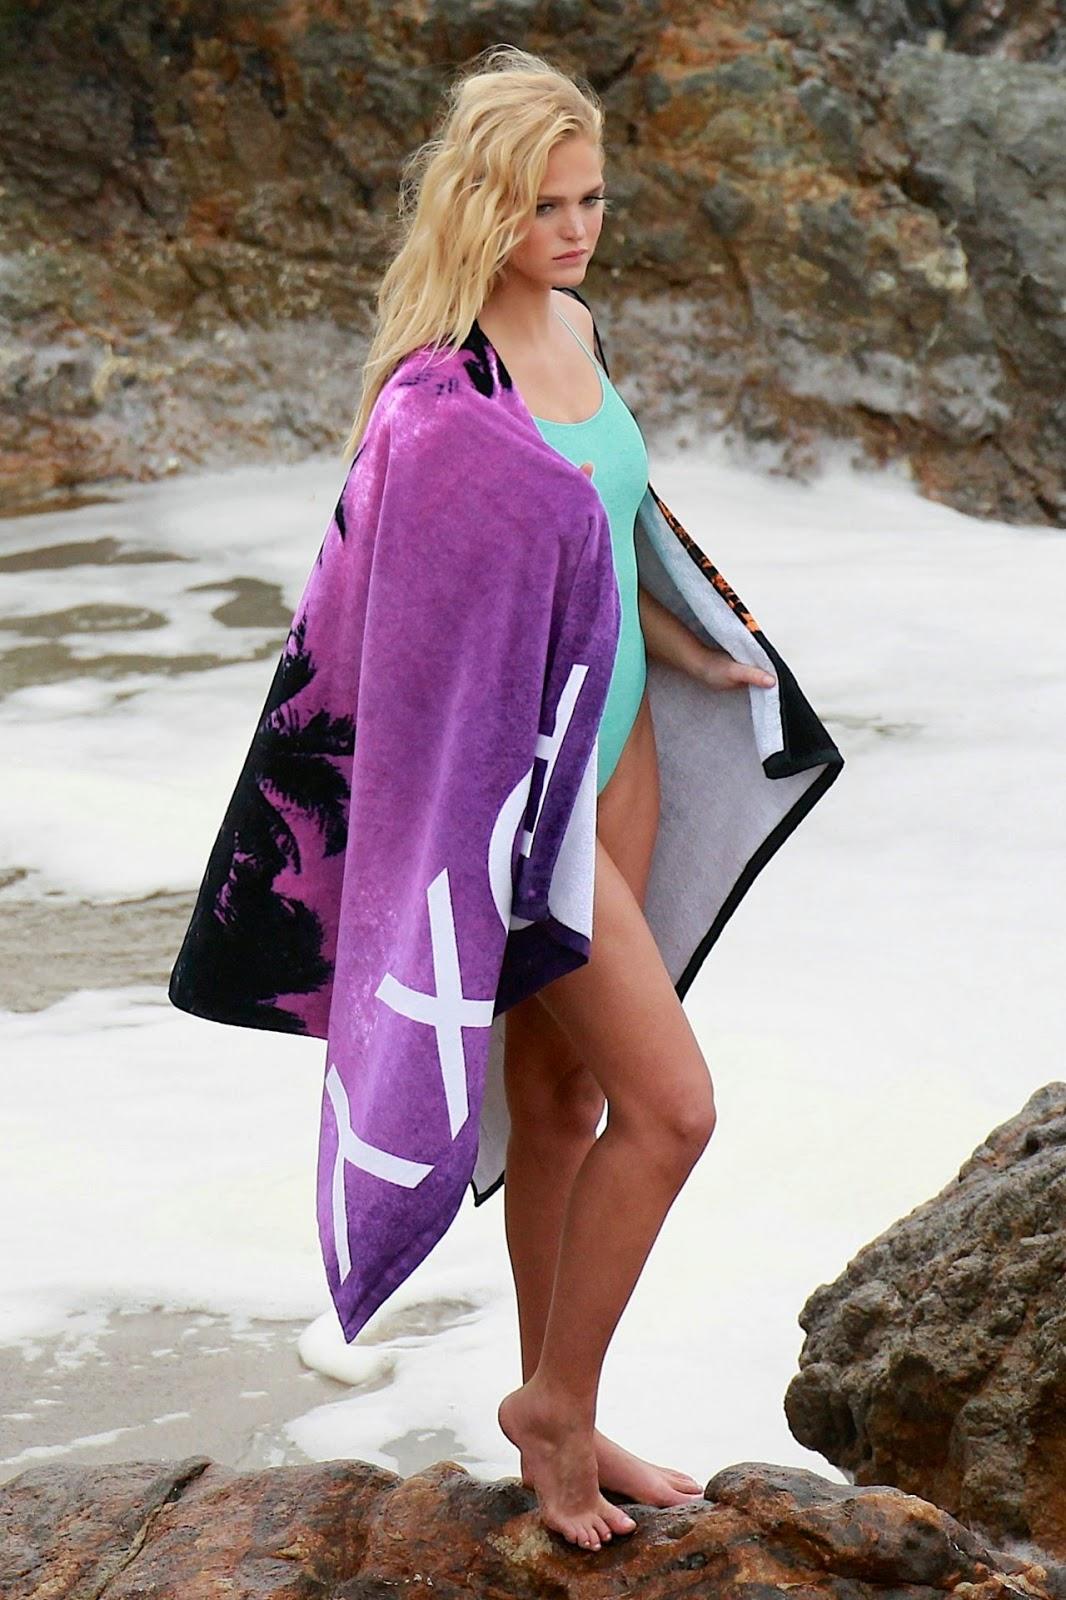 عارضة الأزياء الشقراء ايرين هيثرتون في جلسة تصوير ساخنة بملابس البحر